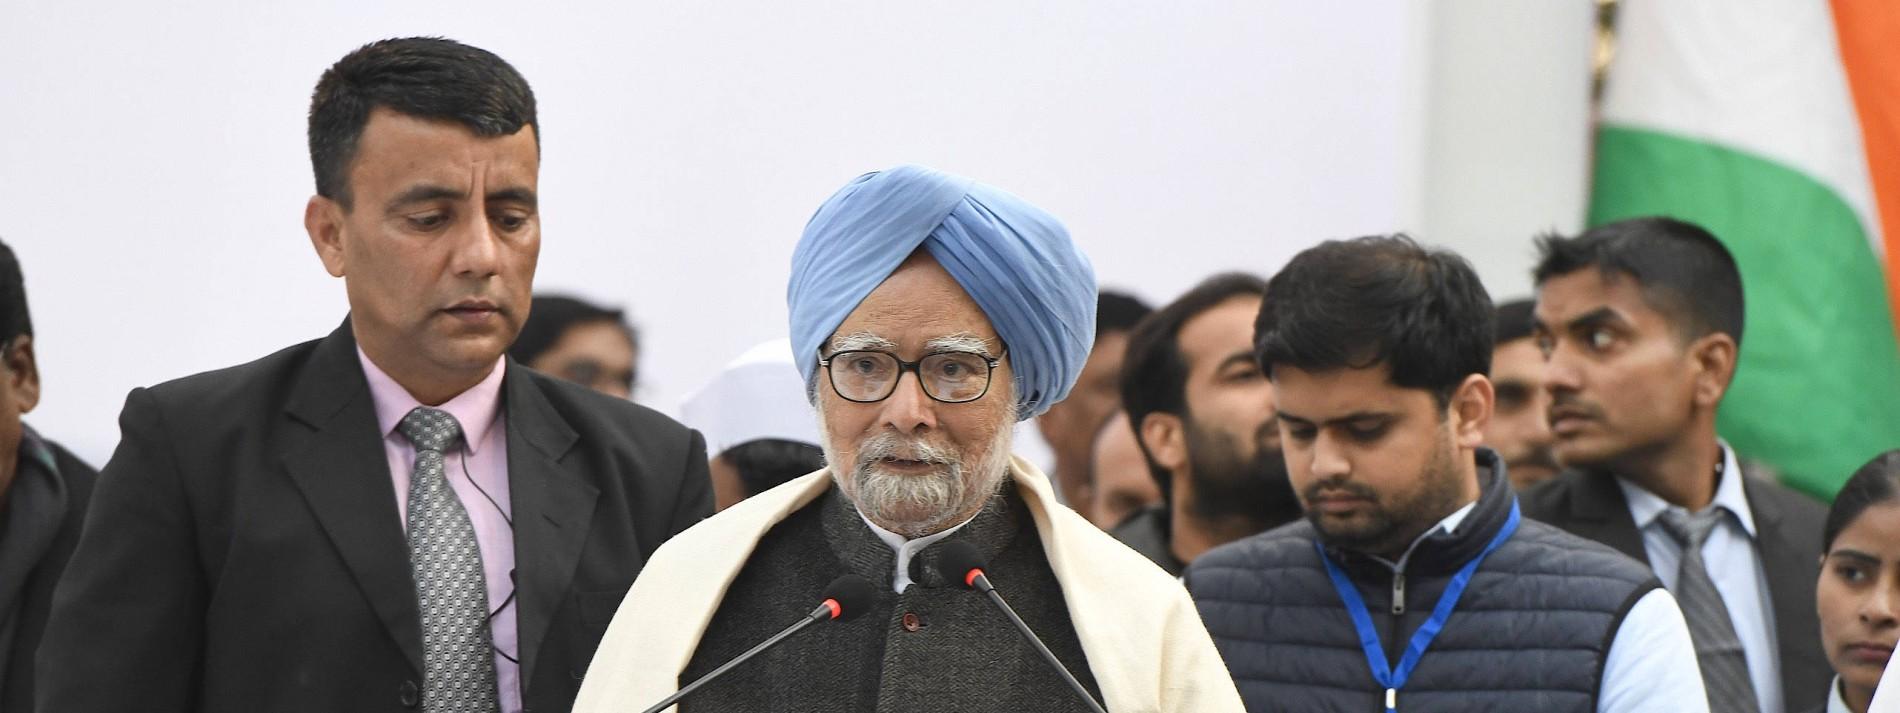 """Früherer Ministerpräsident warnt vor """"großer Krise"""" Indiens"""